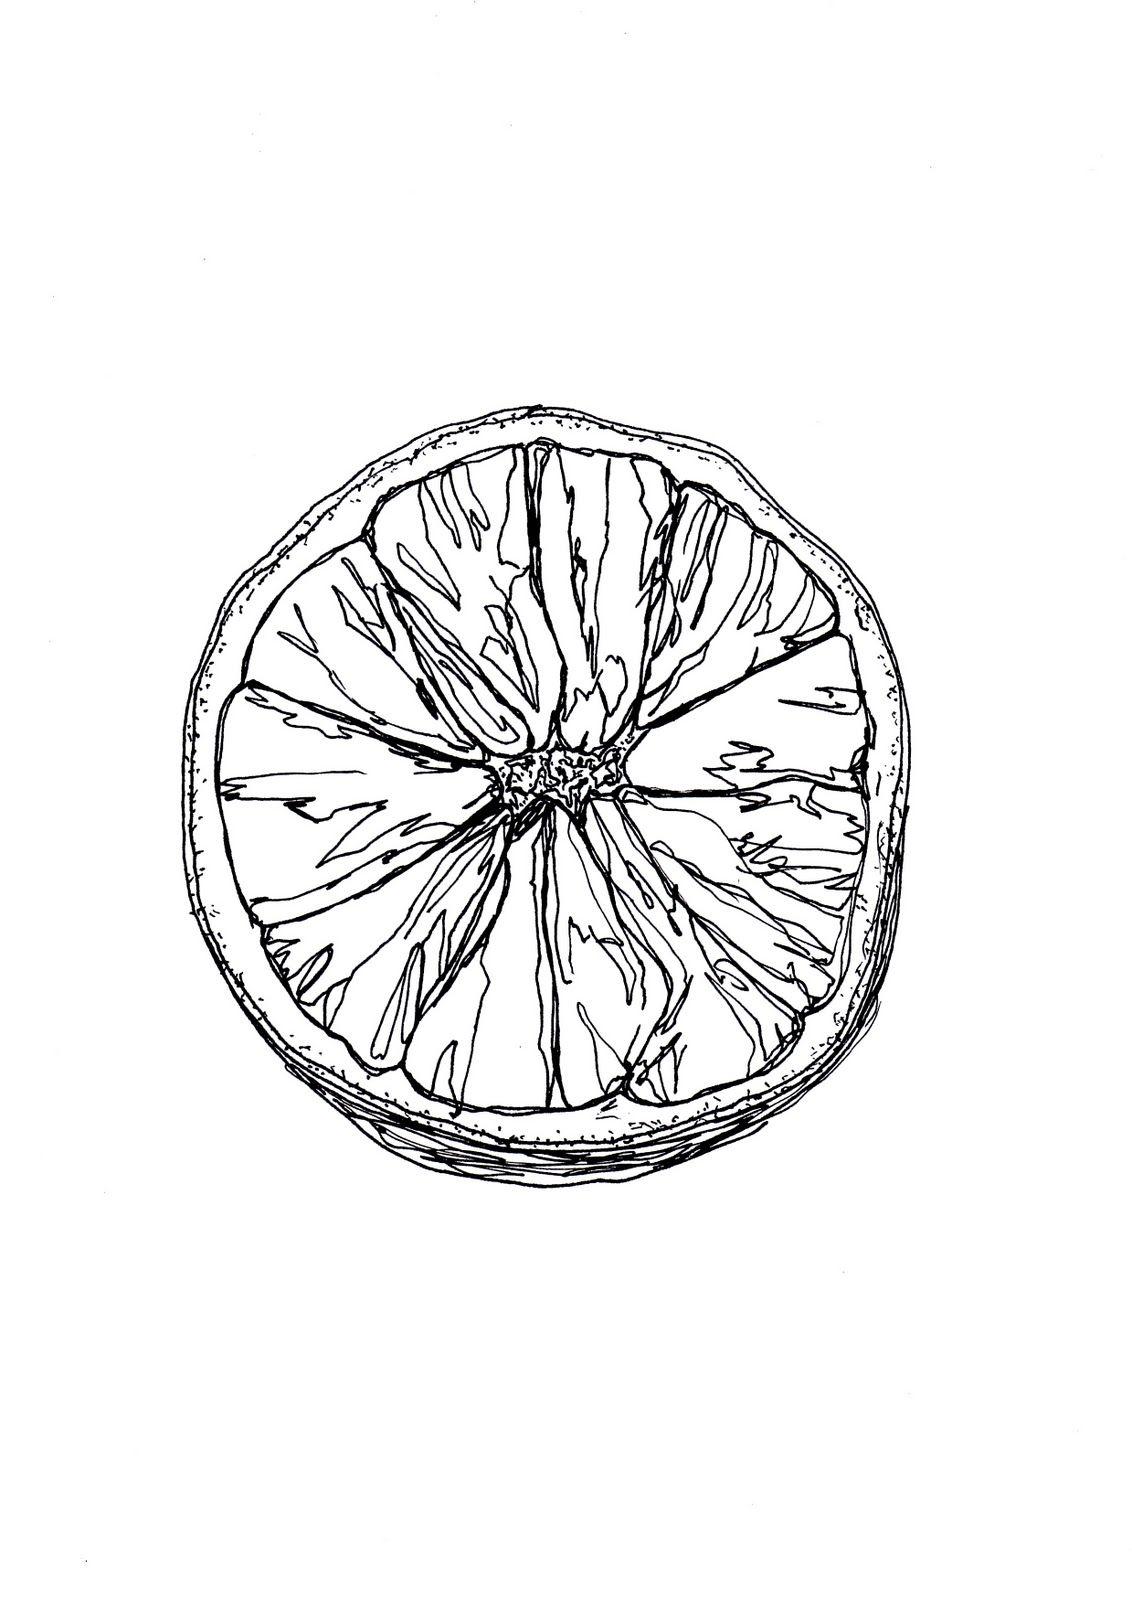 Detailed Observation Orange In Pen And Ink